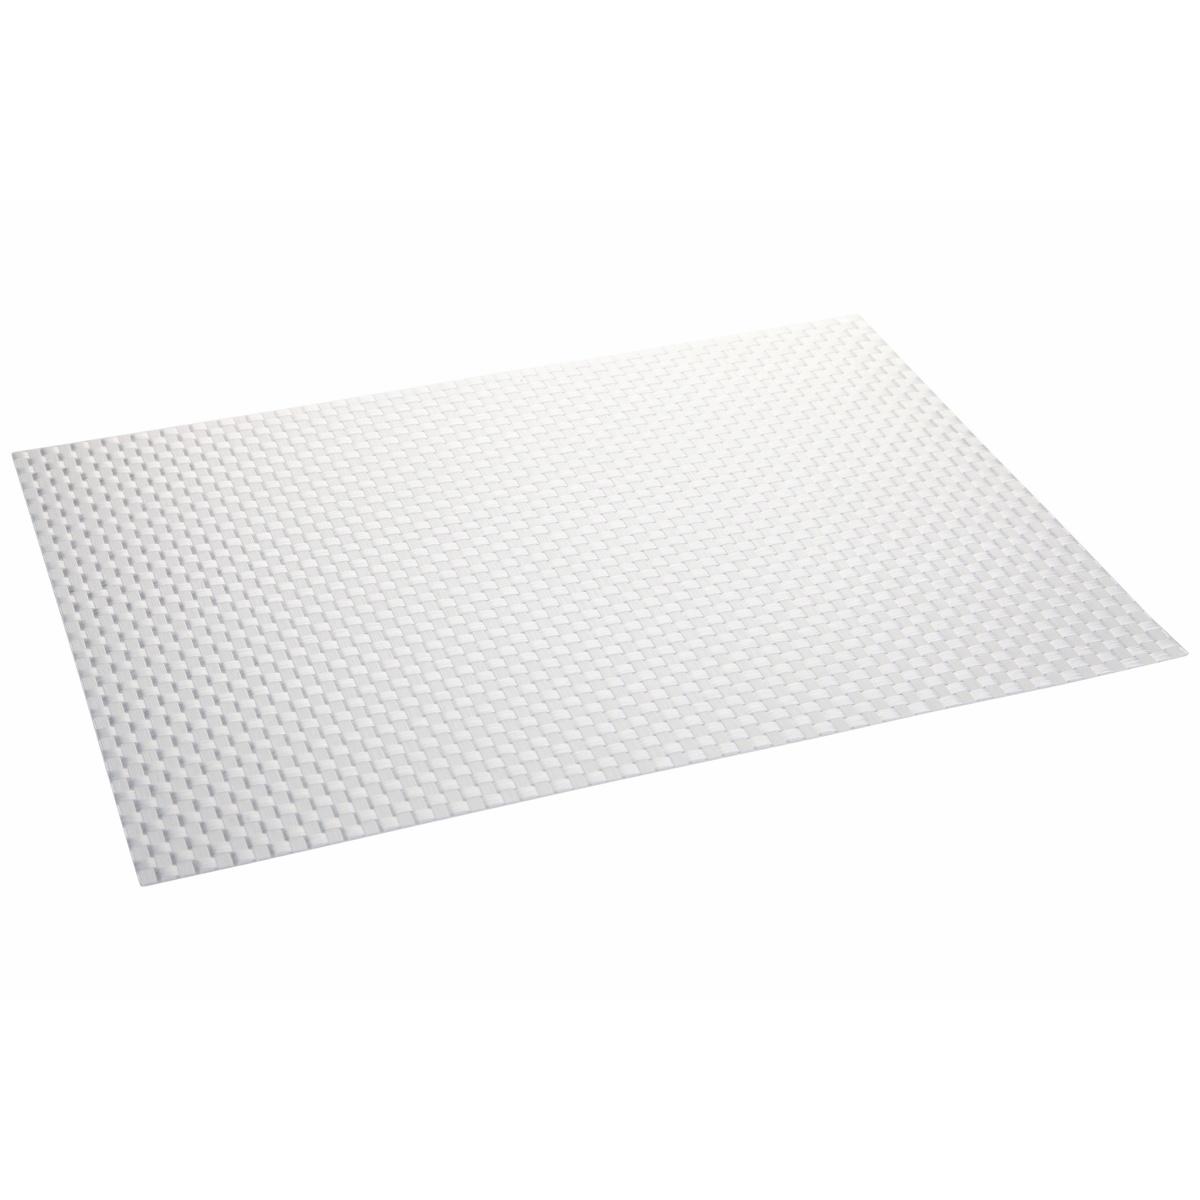 Tescoma prestieranie Flair shine perleťová, 45 x 32 cm